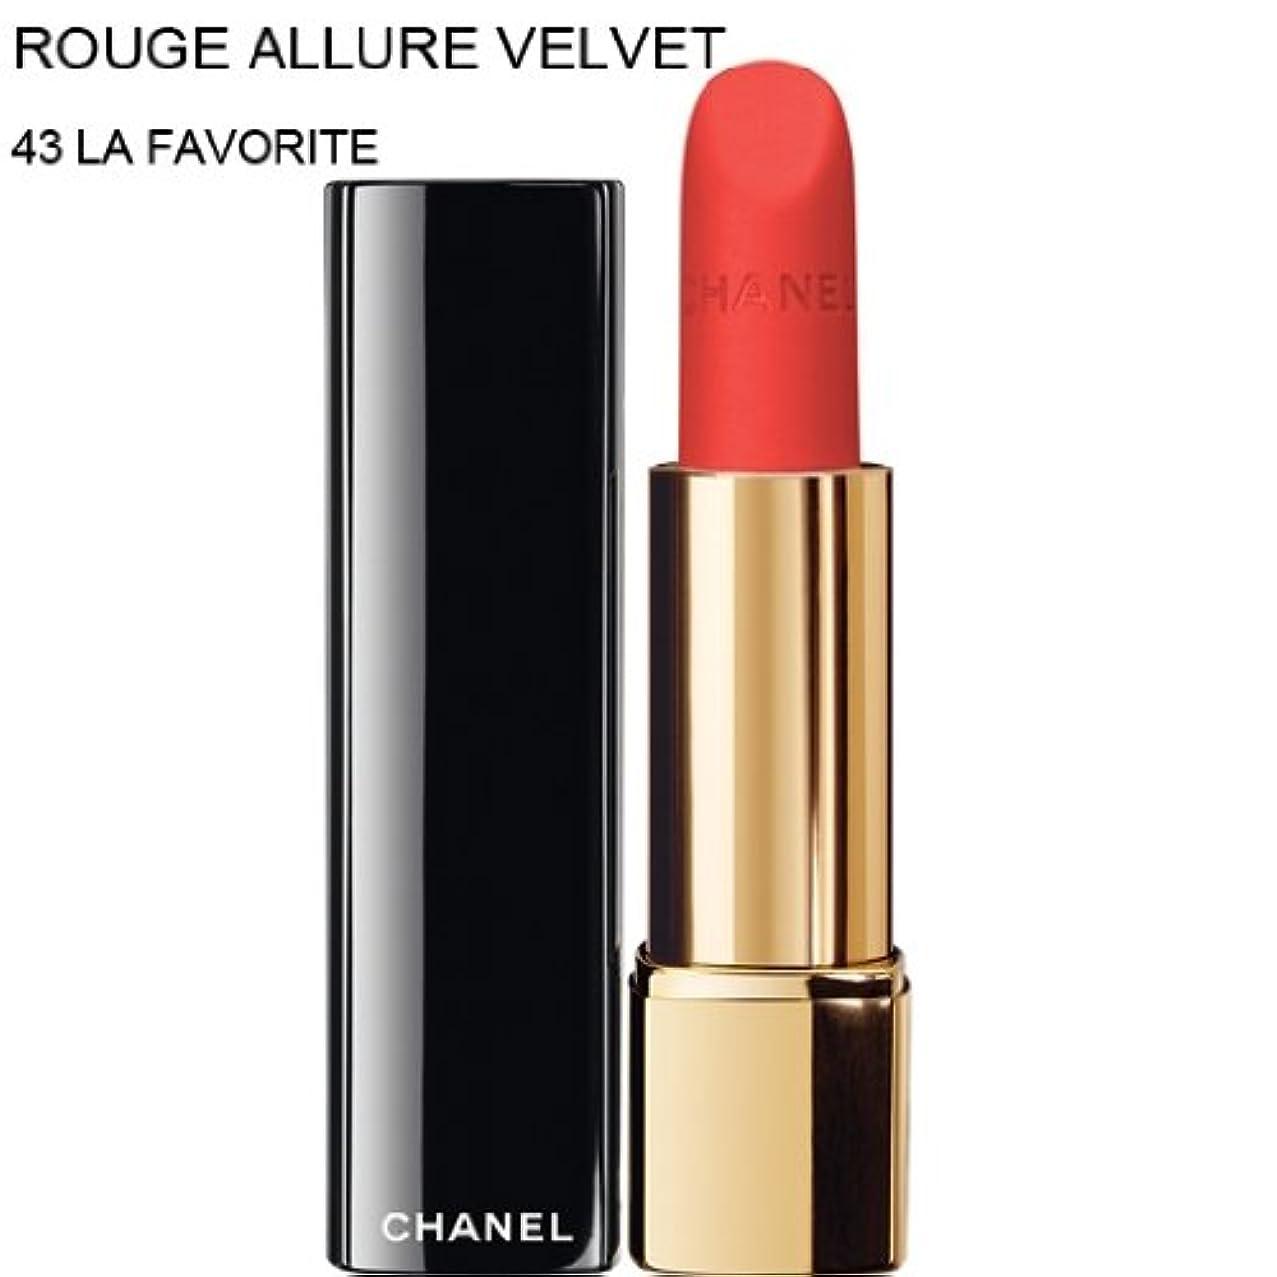 卵旋回敏感なCHANEL-Lipstick ROUGE ALLURE VELVET (43 LA FAVORITE) (parallel imported item 並行輸入品)